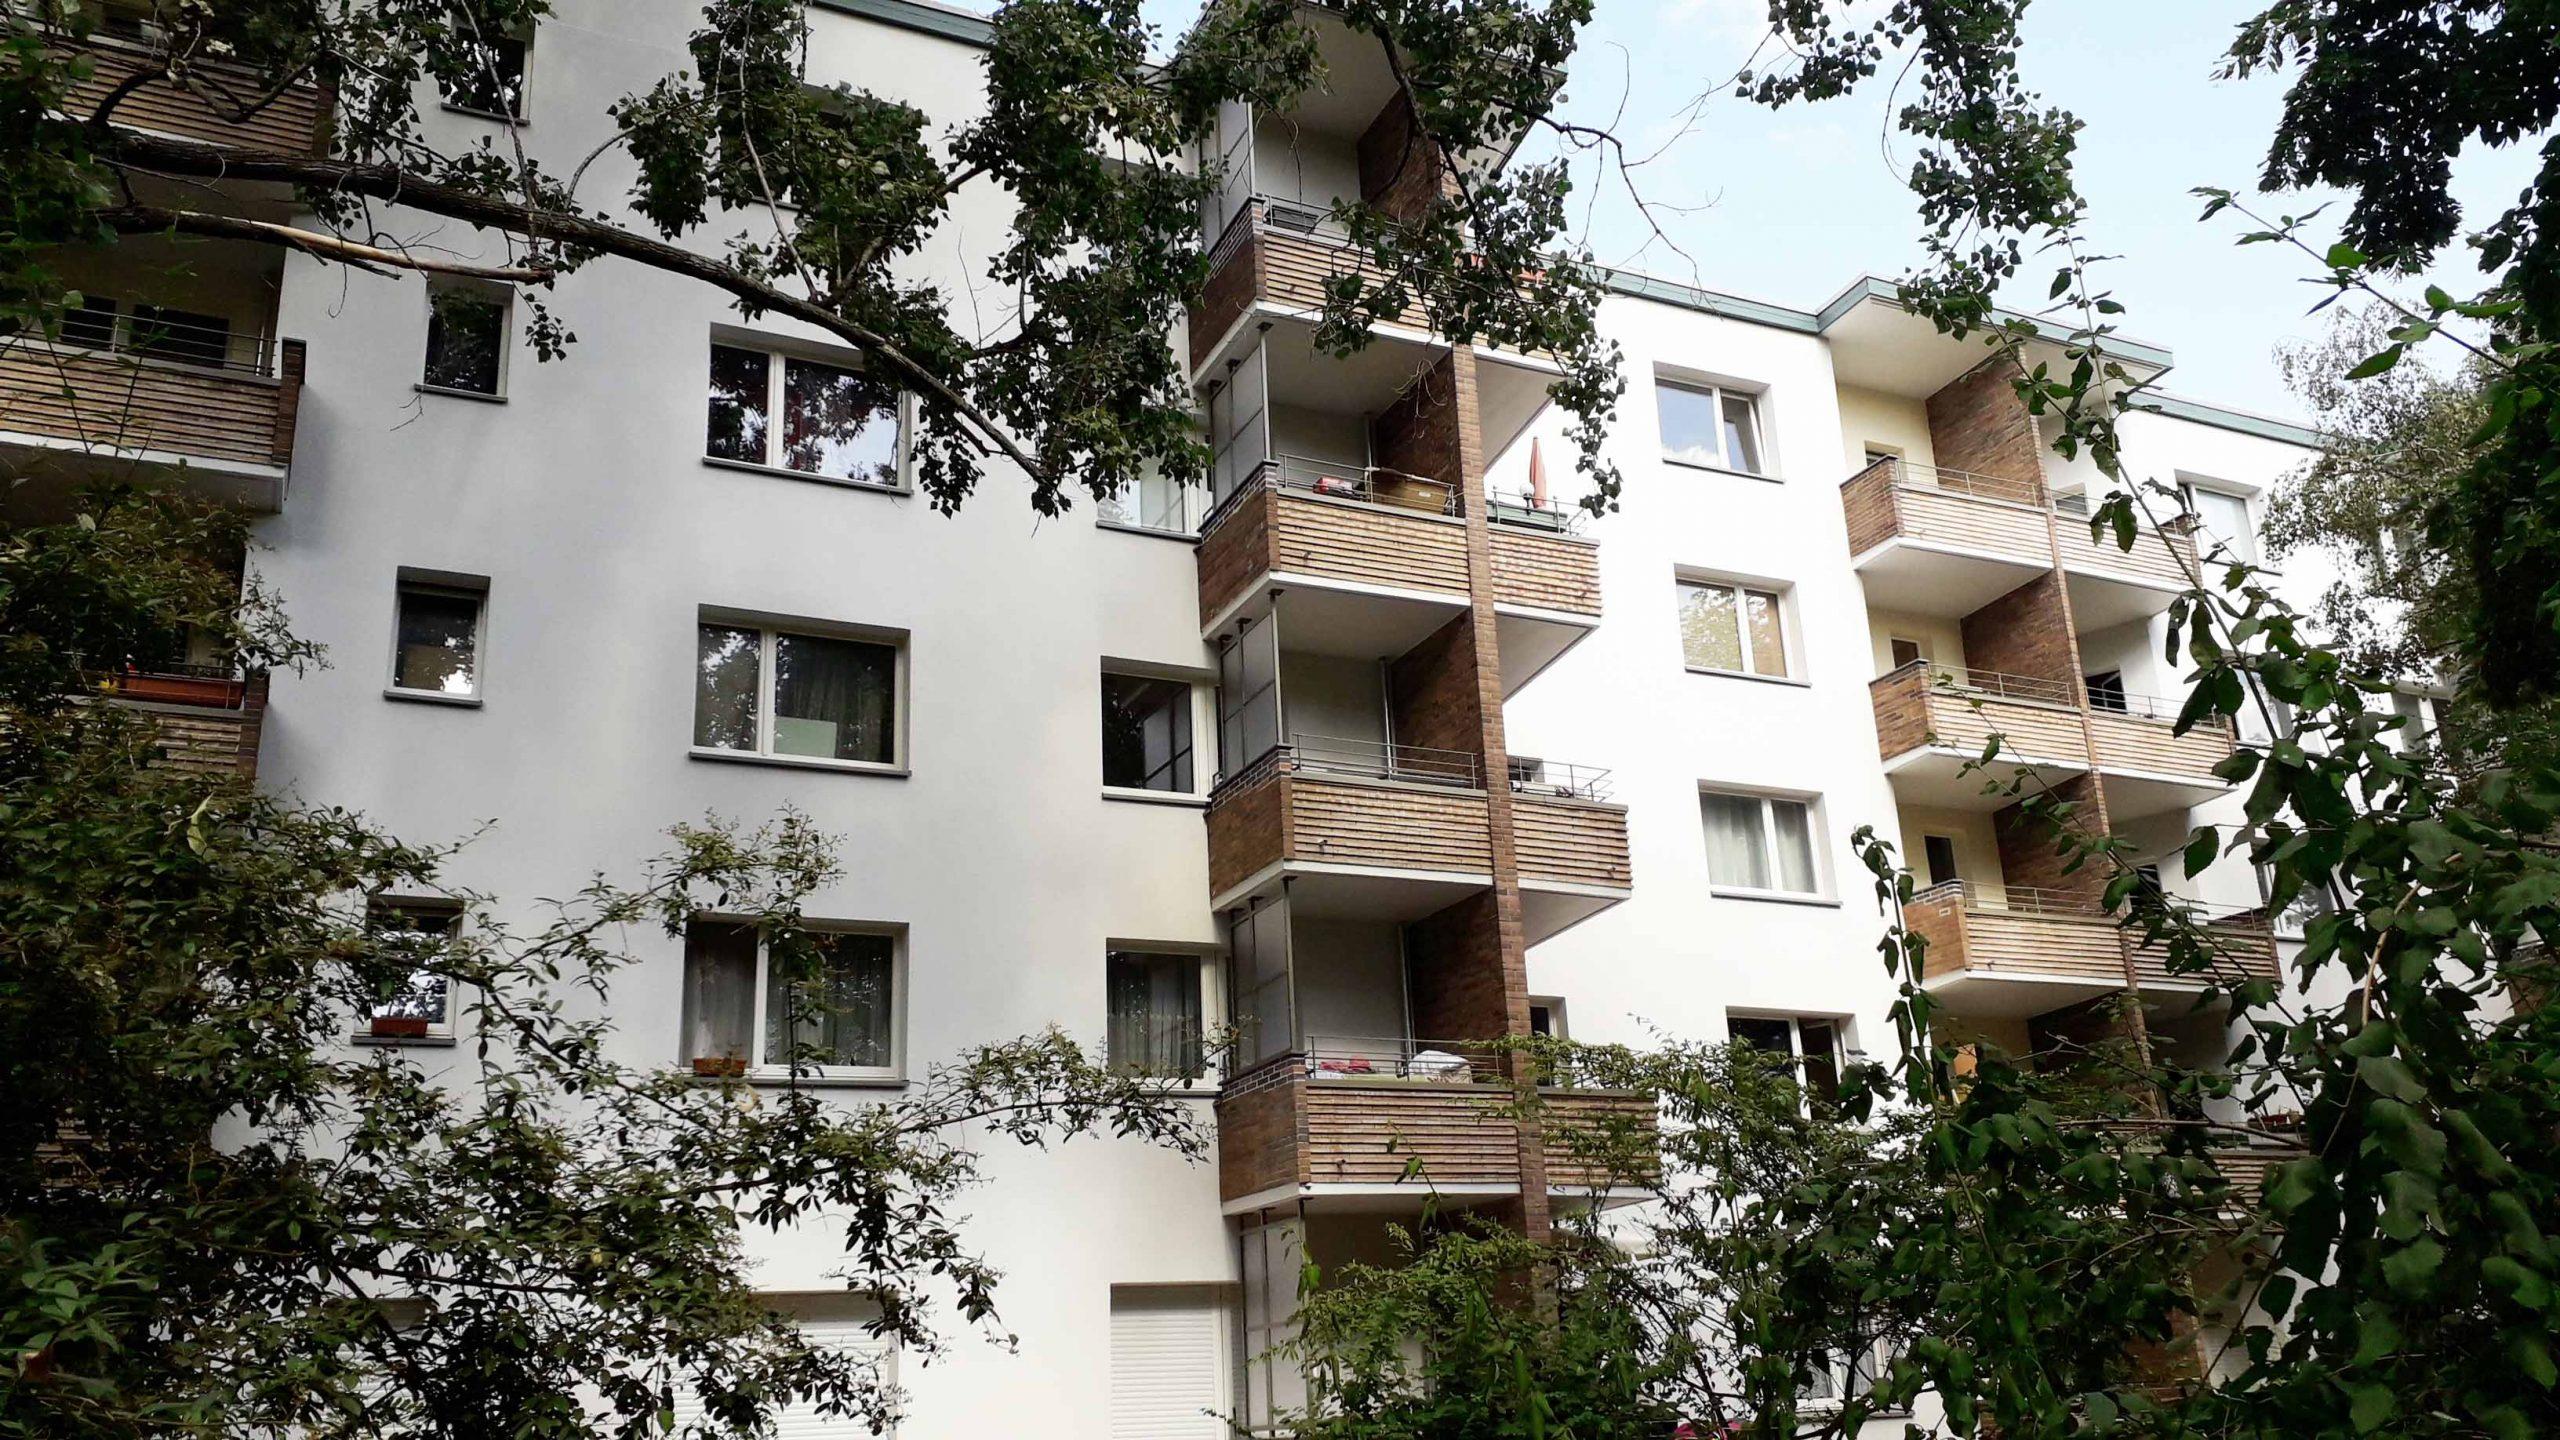 Mietendeckel der Deutsche Wohnen stößt auf Skepsis